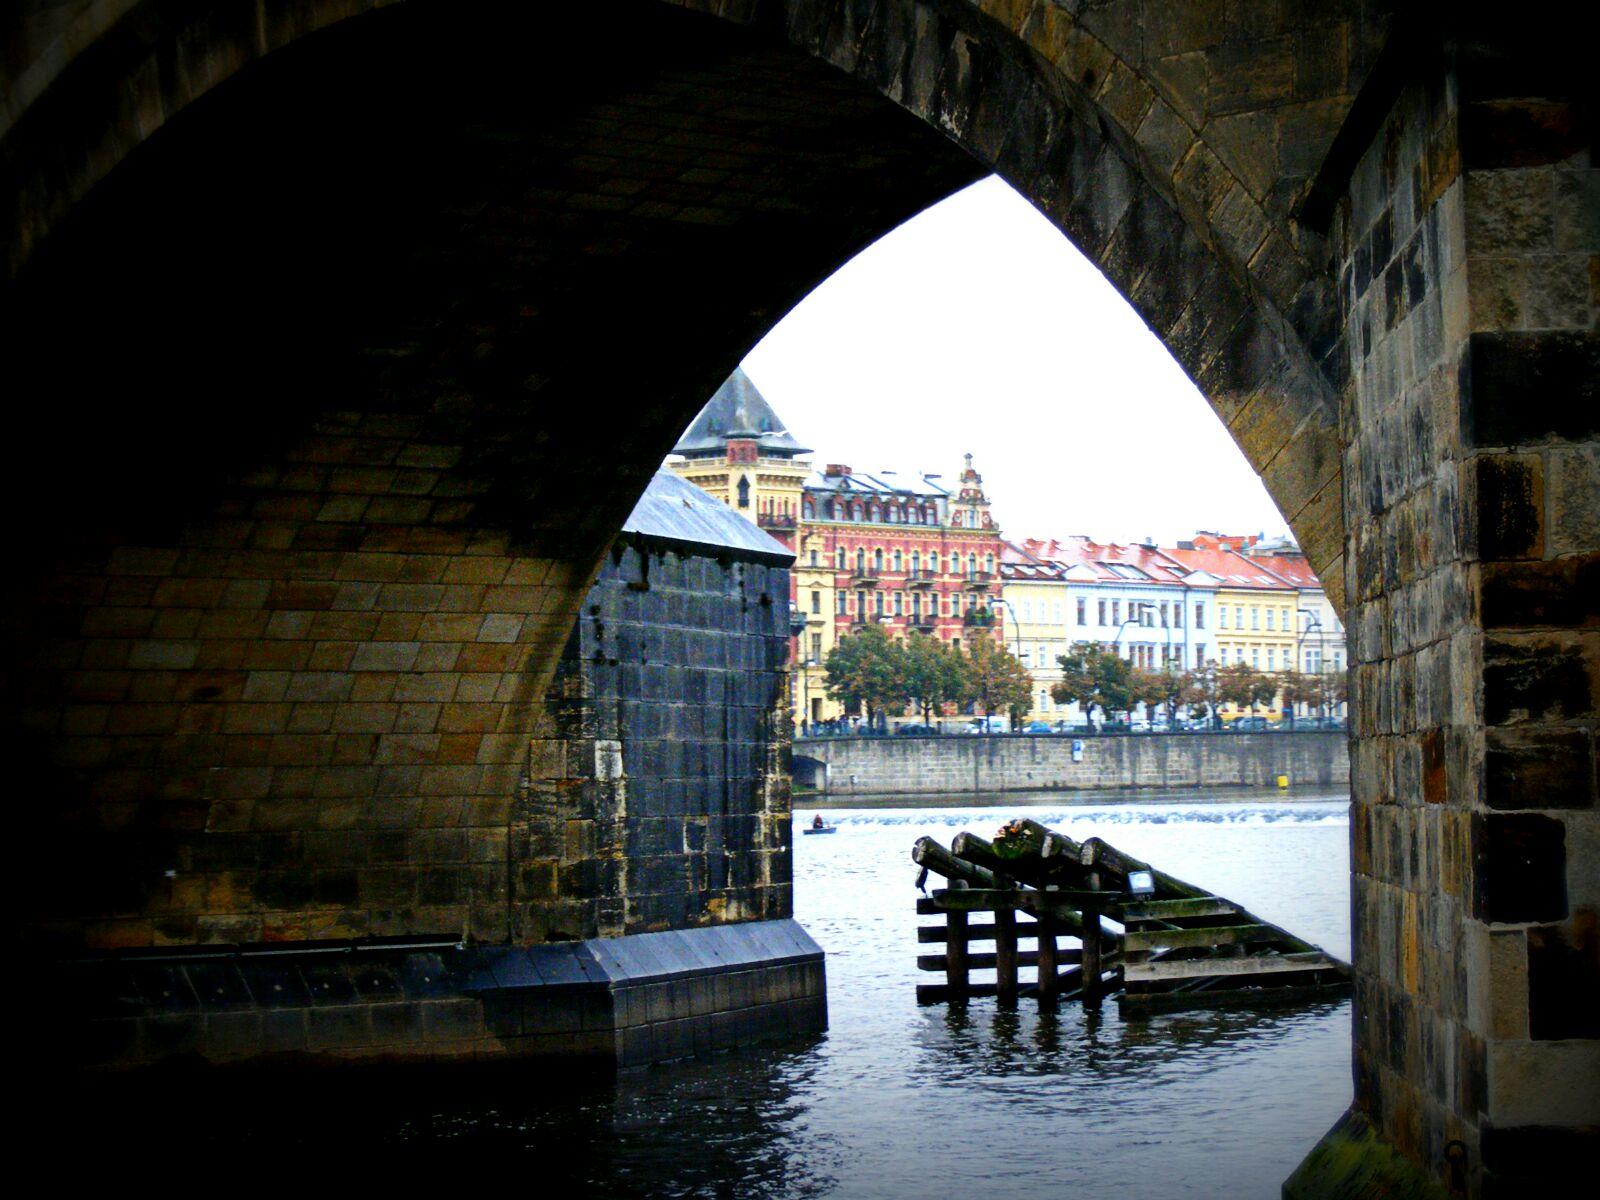 Praga, puertas a la imaginación...tras la puerta posibilidad de desear despierta.